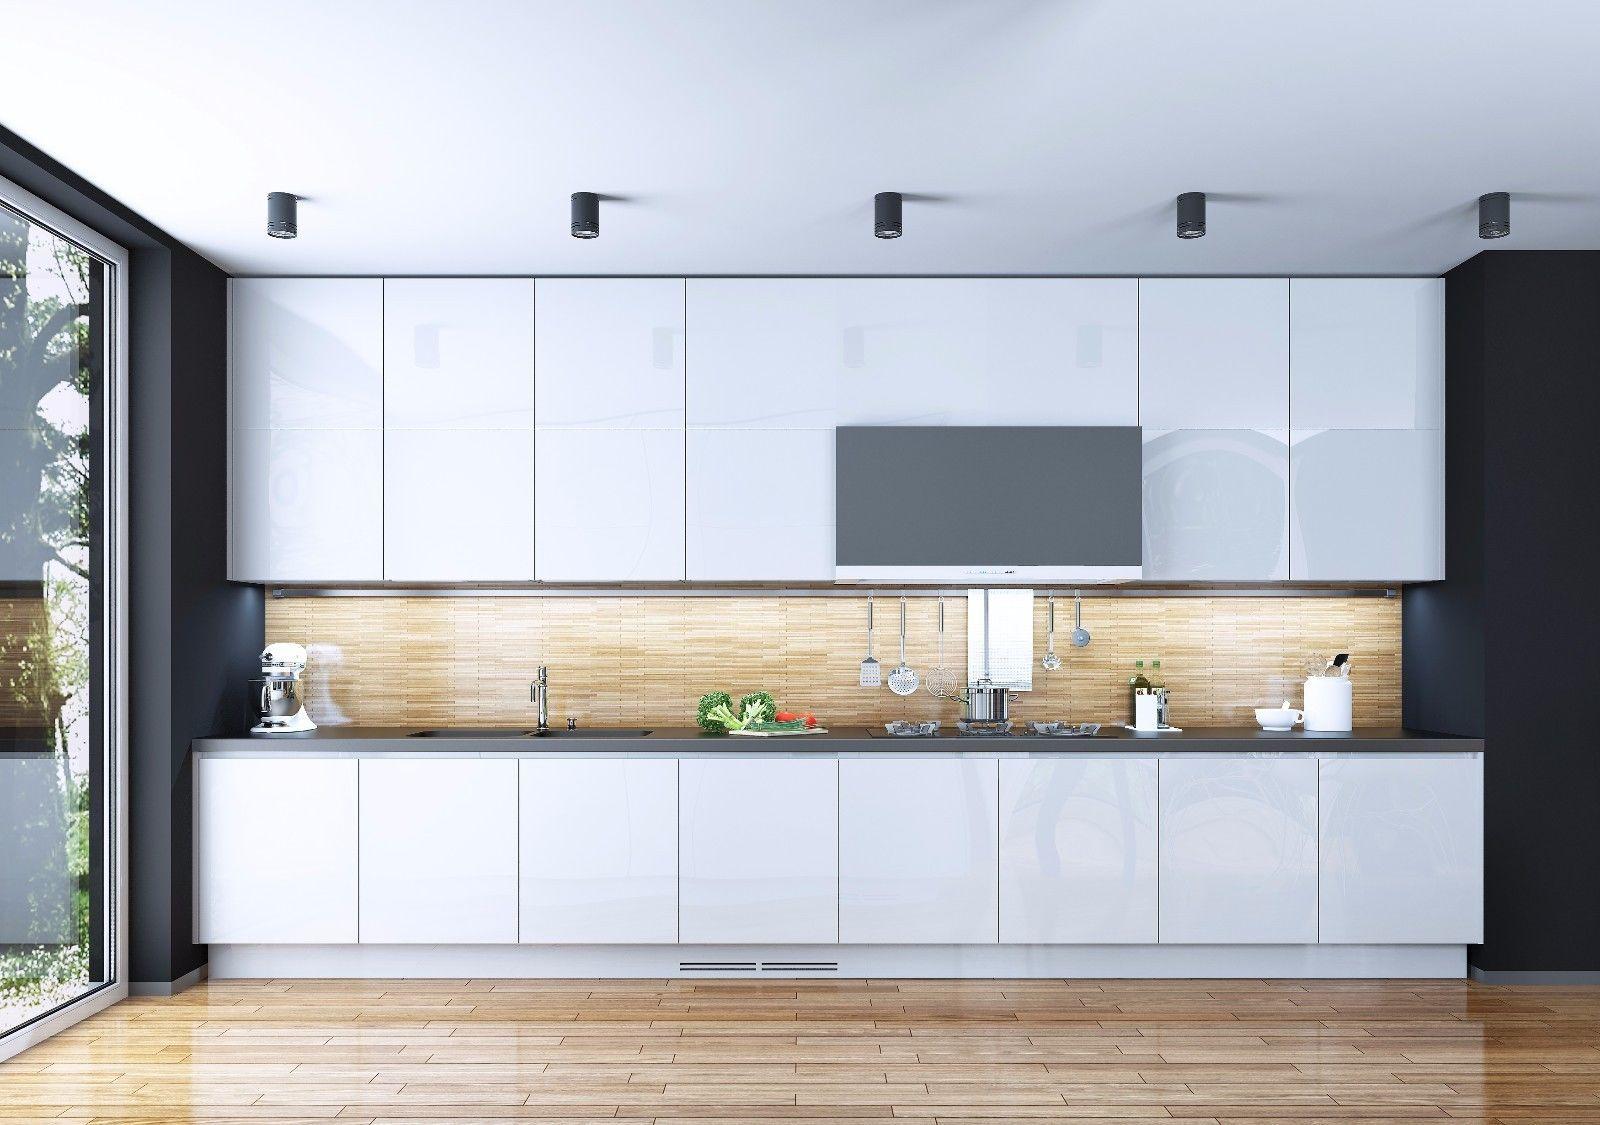 Picture 8 Of 10 Kitchen Remodel Design Kitchen Design Kitchen Cabinets